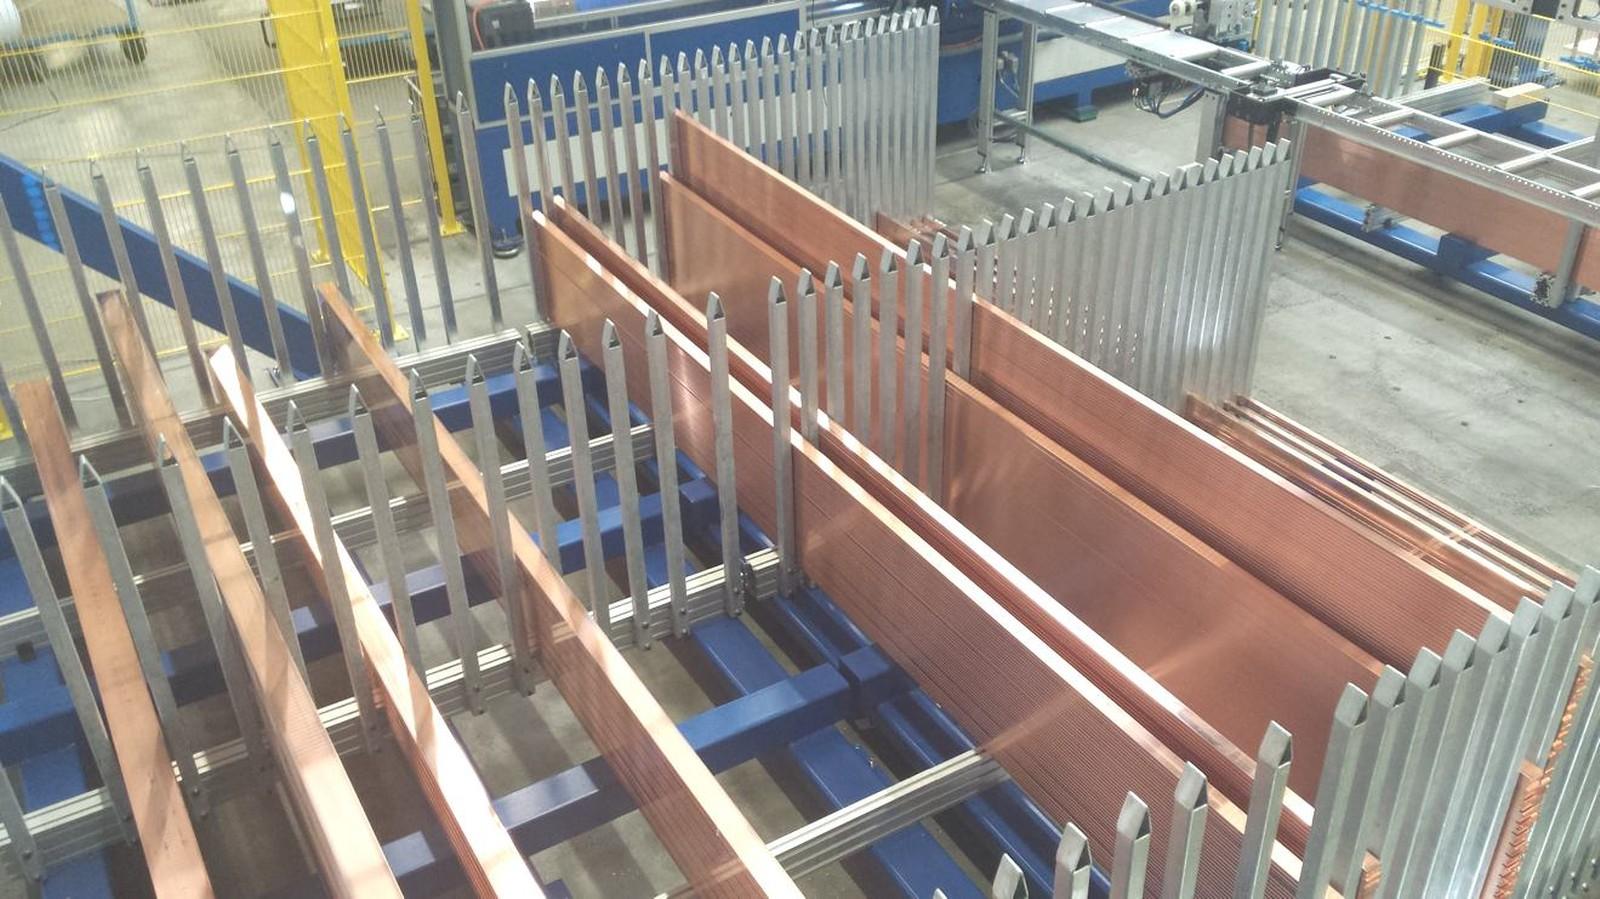 Gantry ist ein automatisiertes Sortier- und Lagersystem für Kupferschienen.